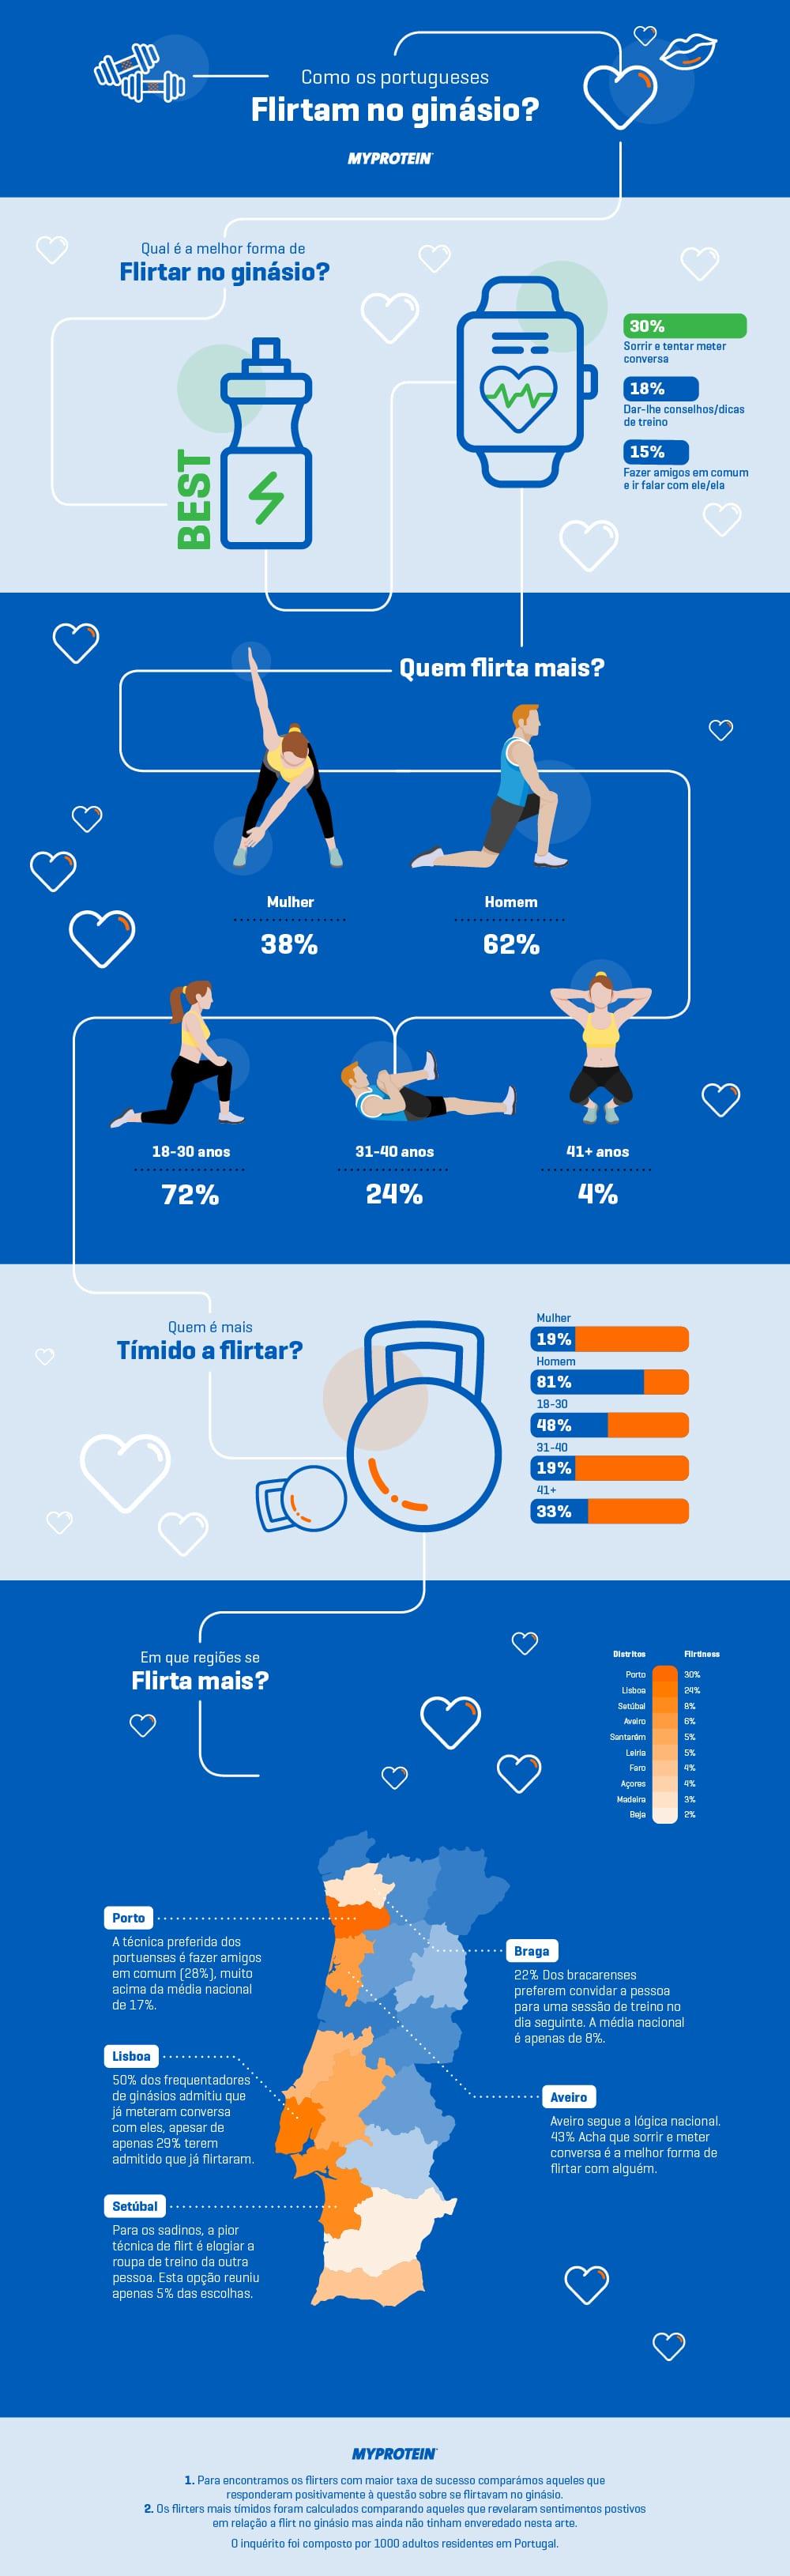 infografico_flirt_ginasio